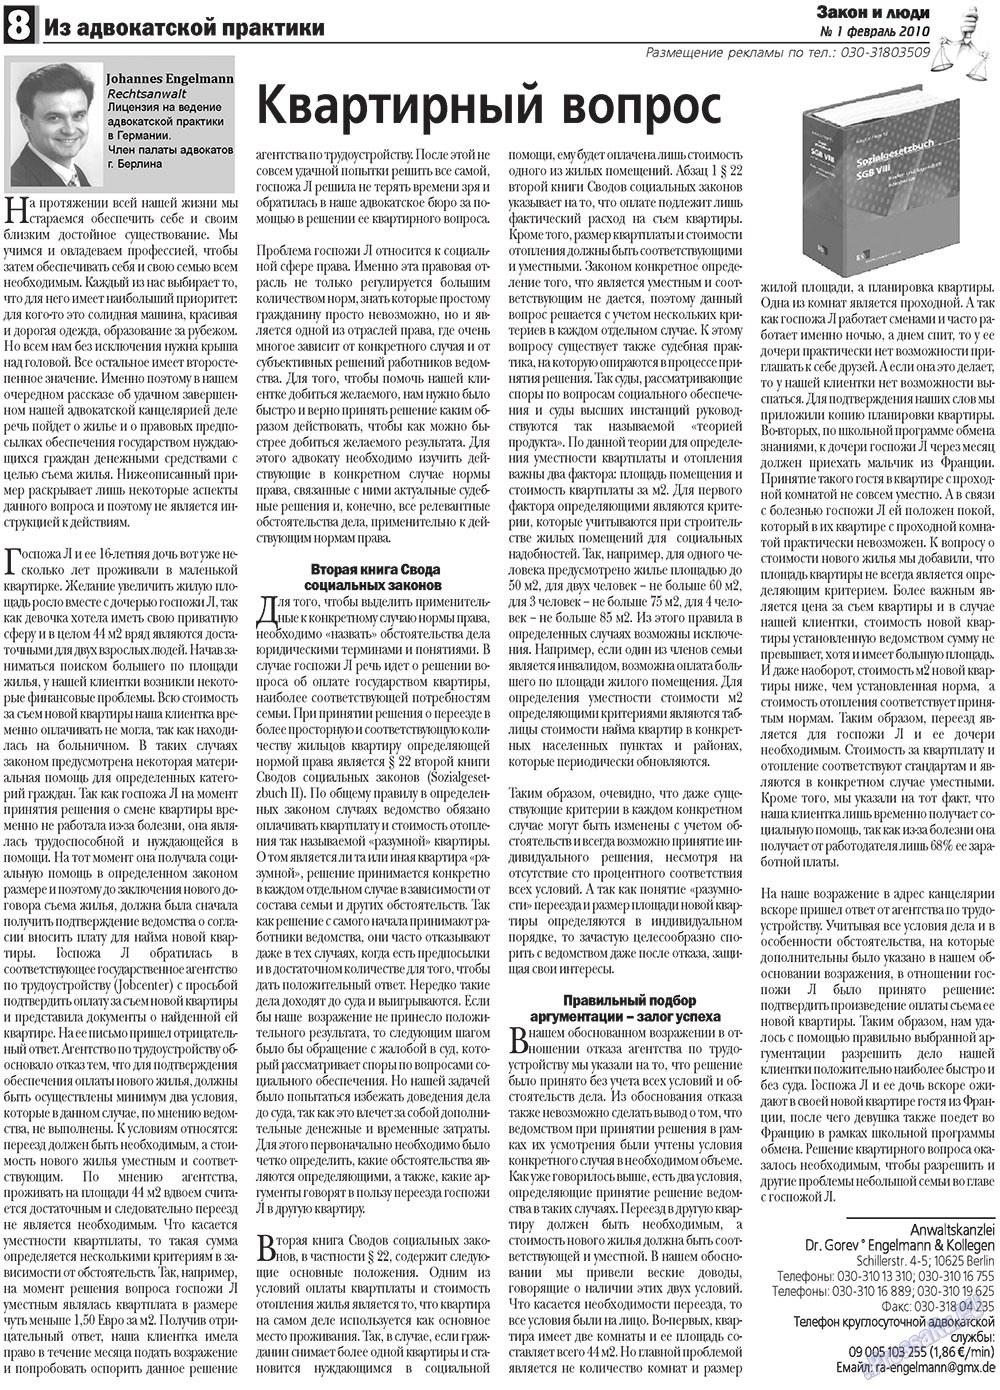 Закон и люди (газета). 2010 год, номер 1, стр. 8